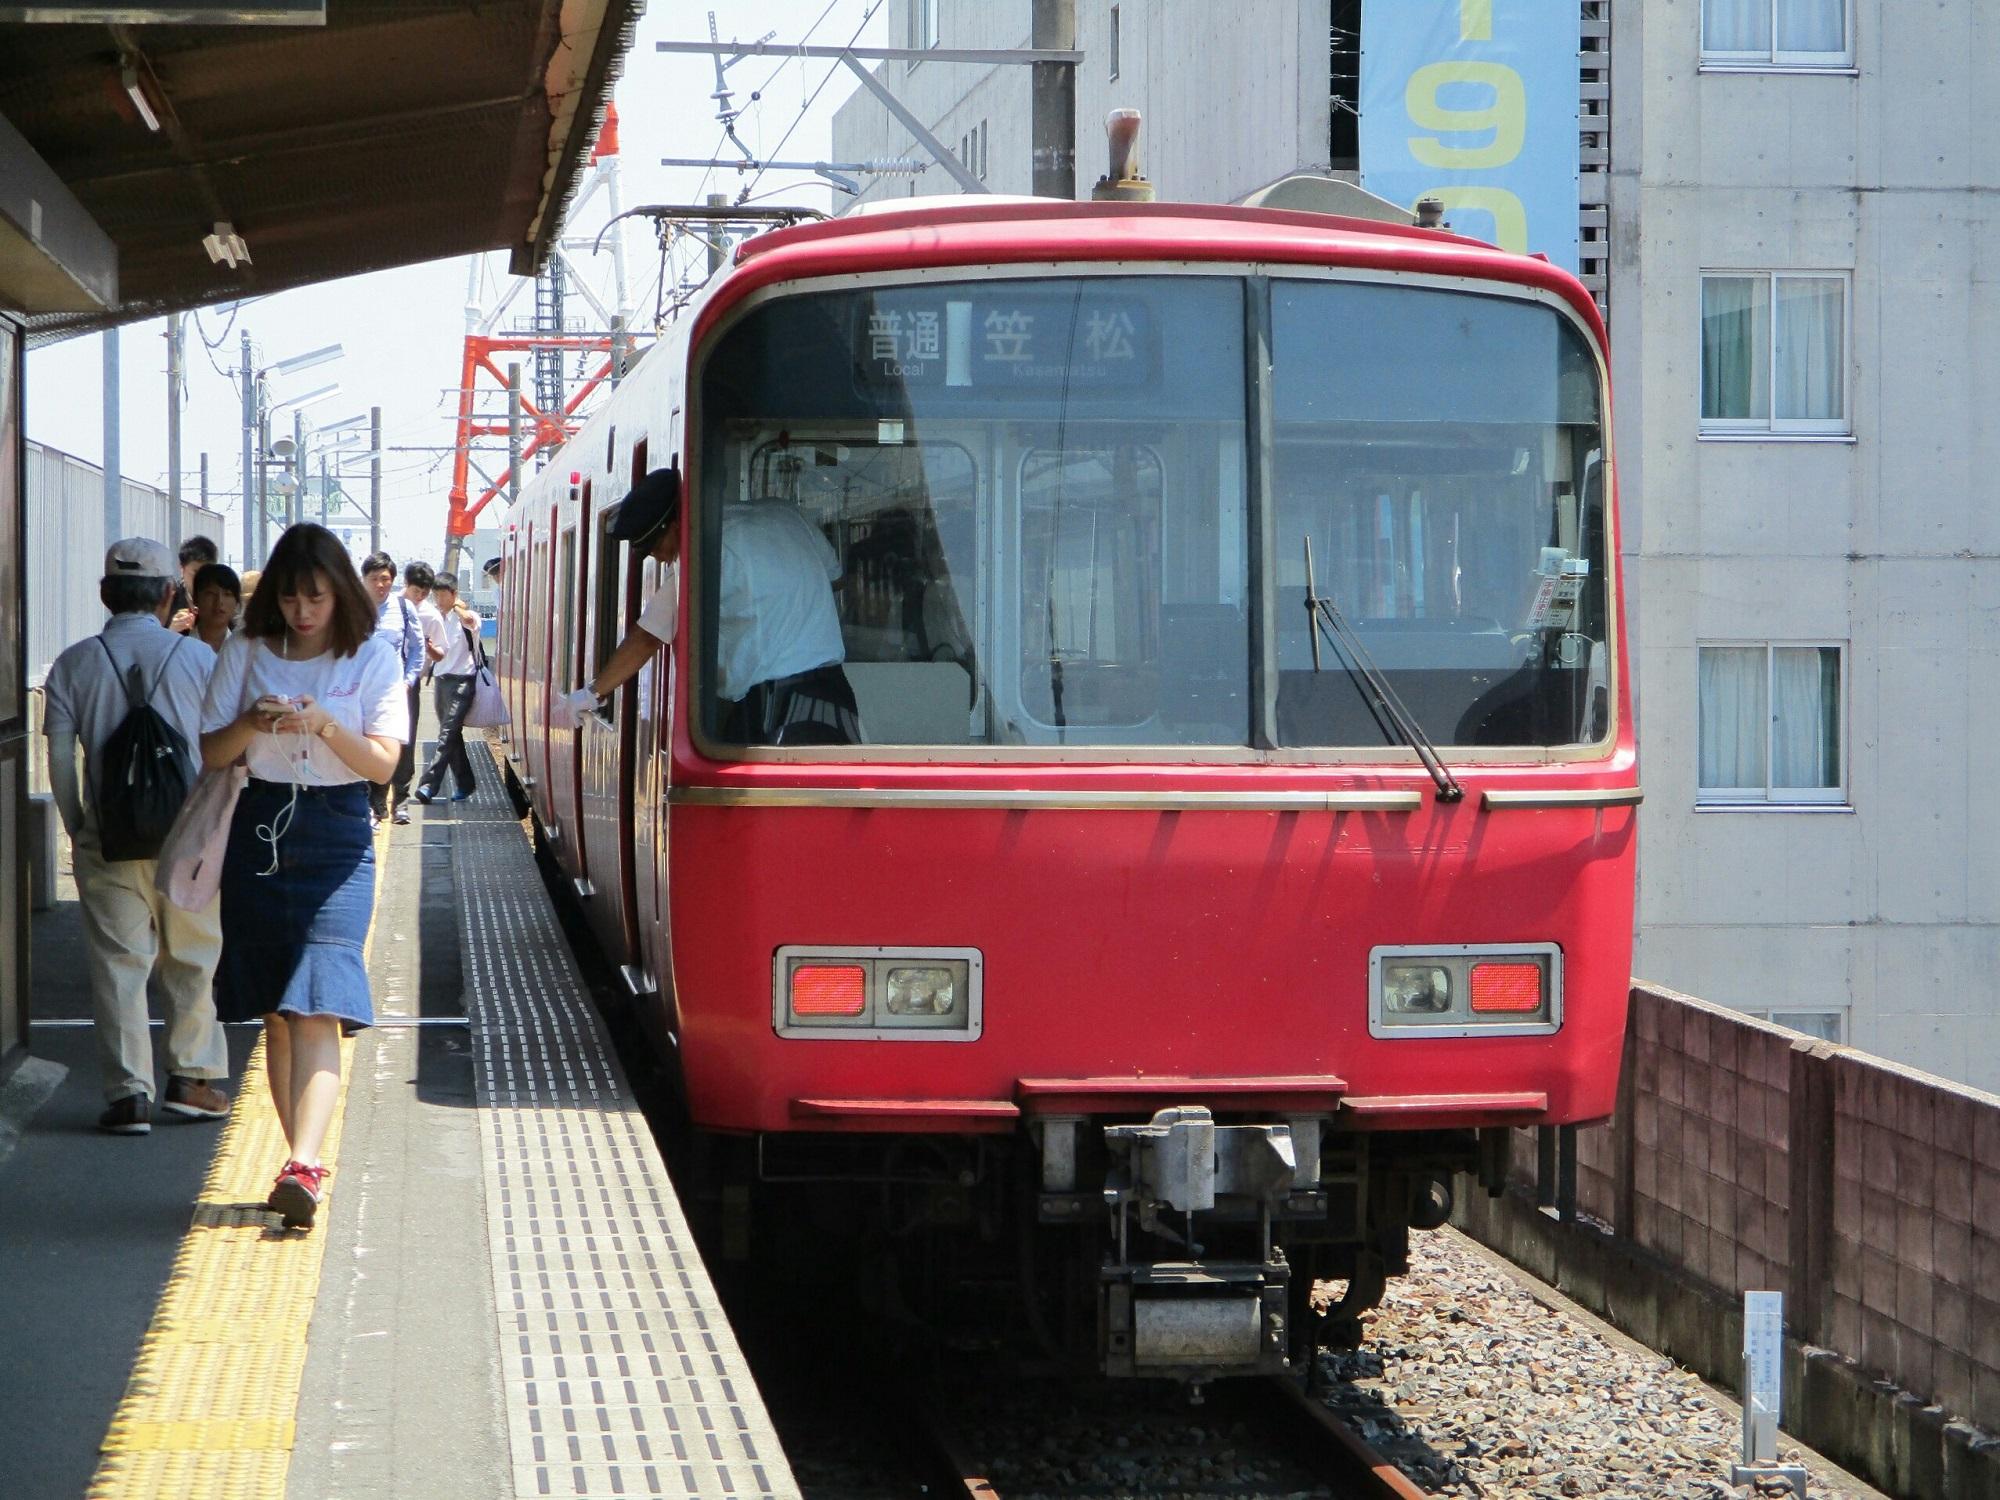 2018.7.18 (103) 新羽島 - 笠松いきふつう(新羽島いきふつうのおりかえし) 2000-1500